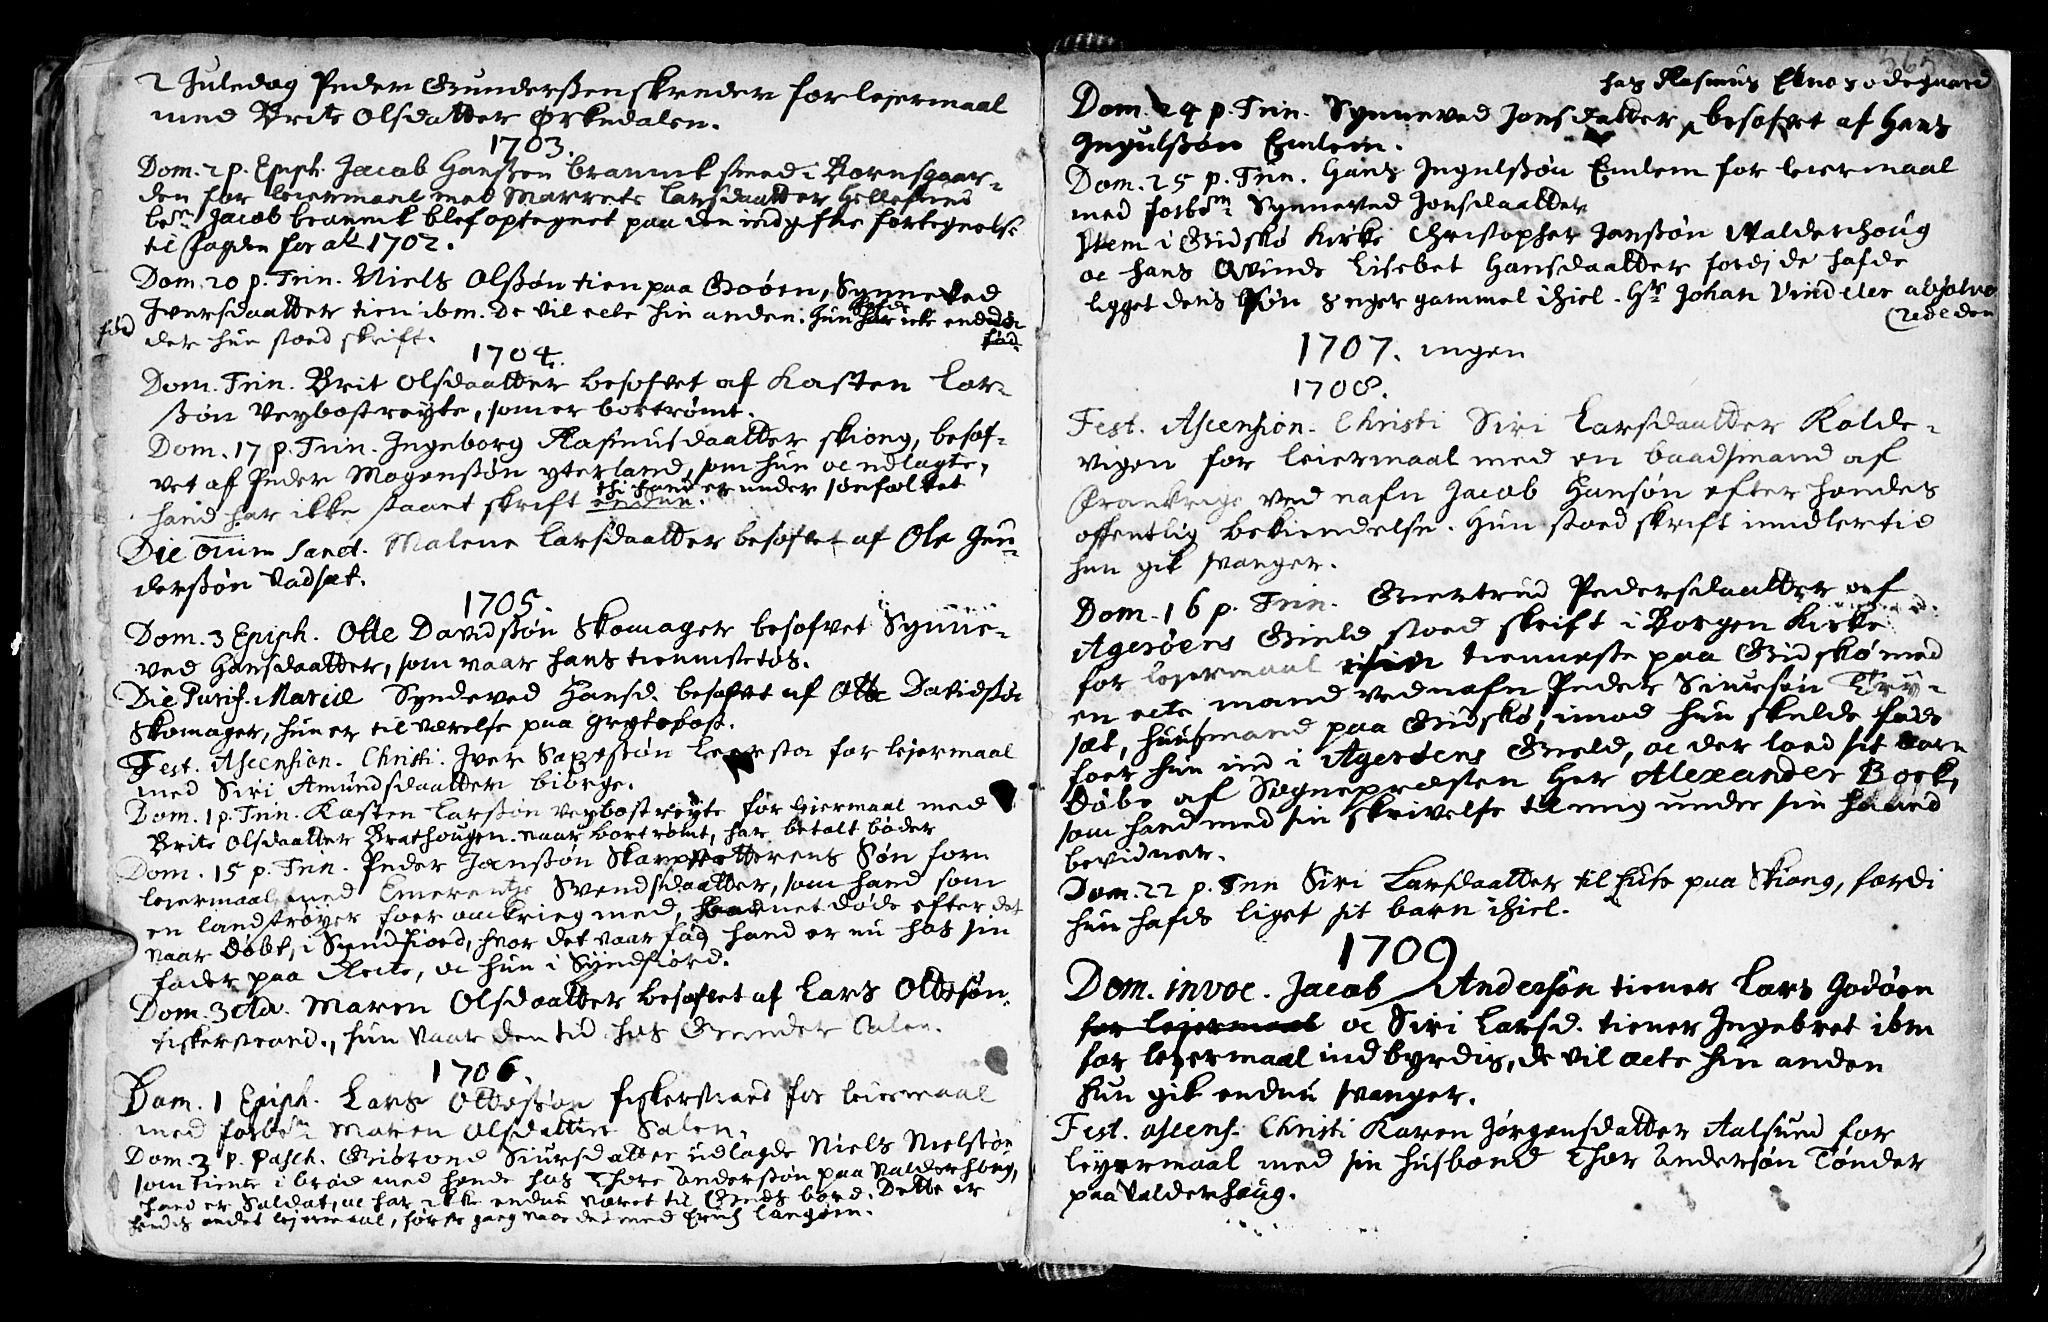 SAT, Ministerialprotokoller, klokkerbøker og fødselsregistre - Møre og Romsdal, 528/L0390: Ministerialbok nr. 528A01, 1698-1739, s. 564-565